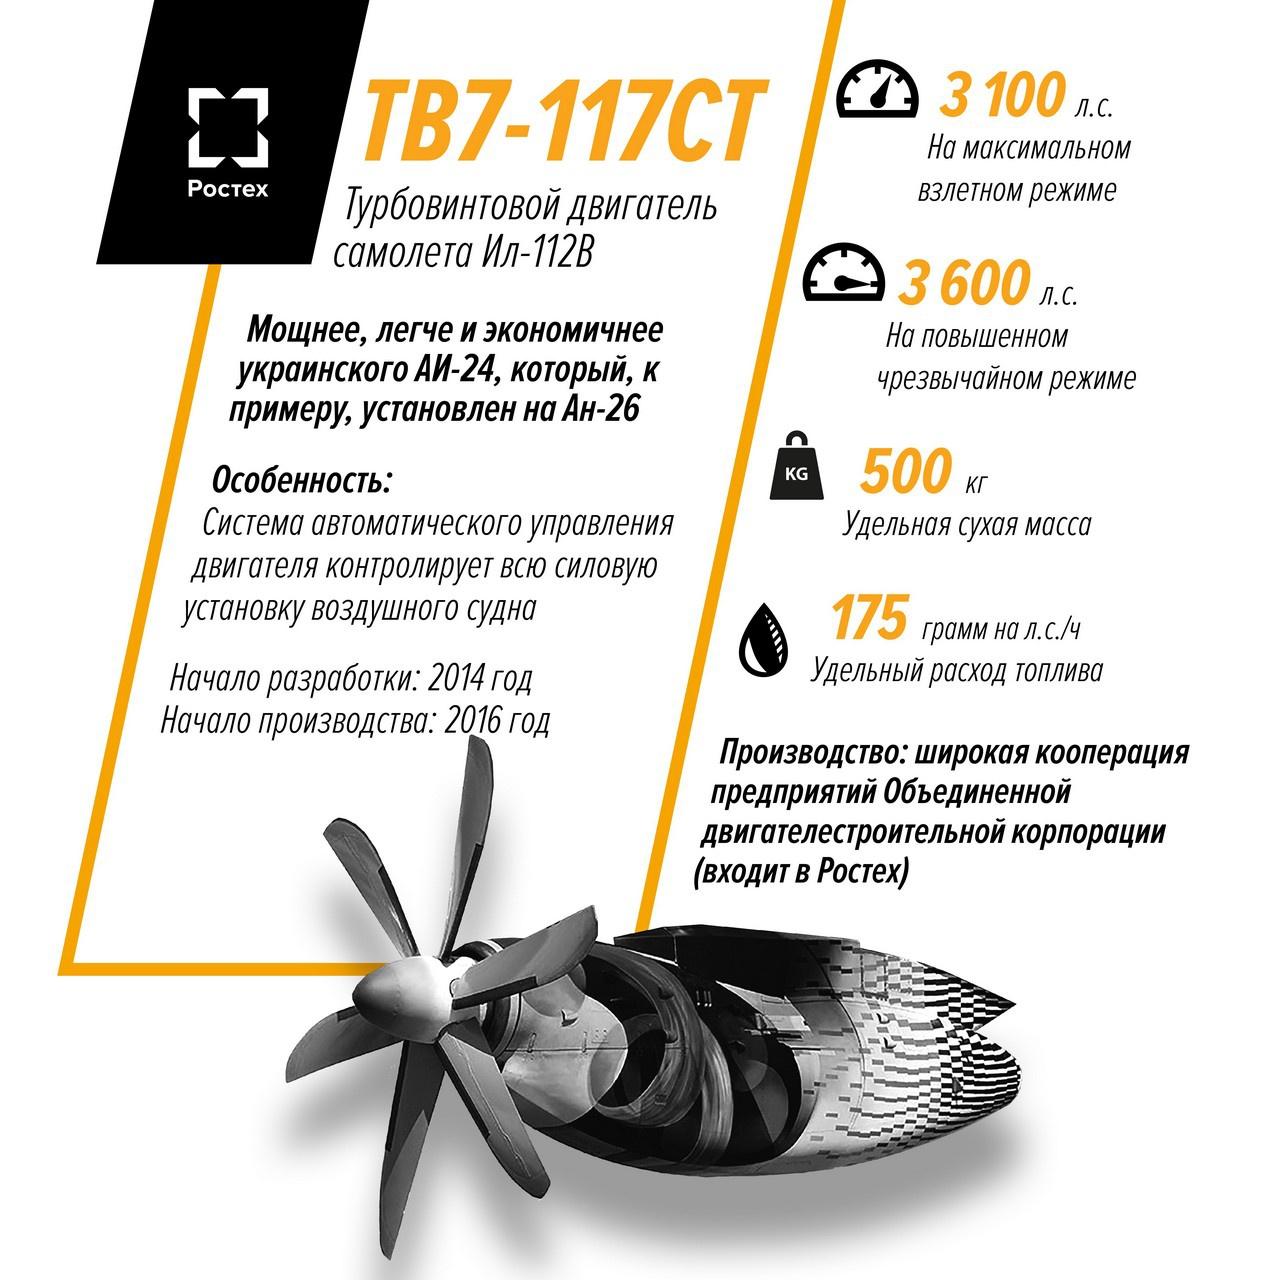 Стендовые испытания ТВ7-117СТ на модернизированном испытательном стенде АО «ОДК-Климов» стартовали в сентябре 2016 года.